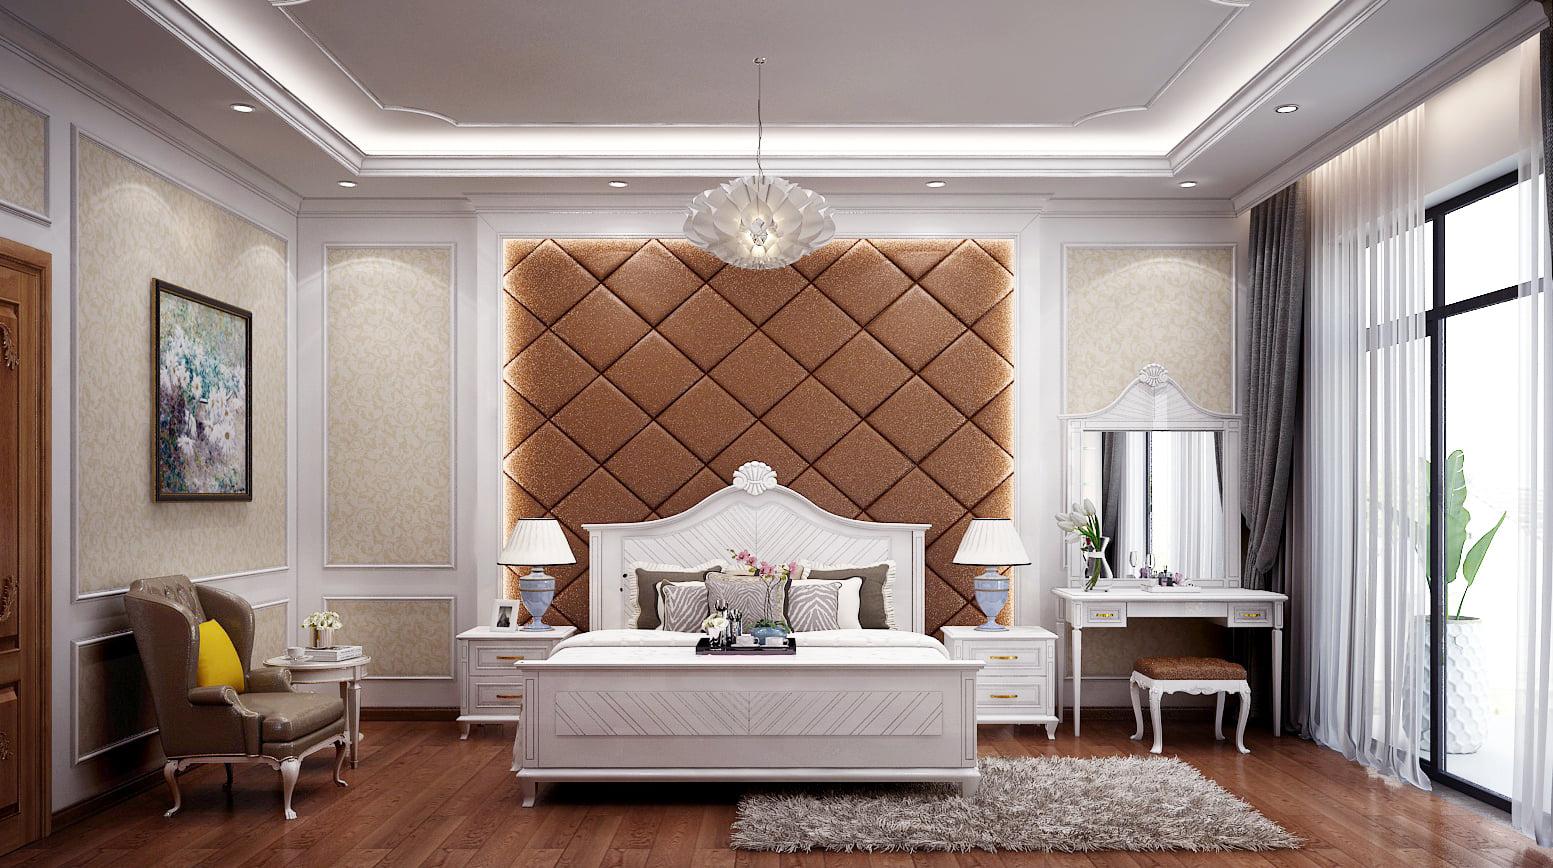 5 KHÔNG trong thiết kế phòng ngủ chung cư